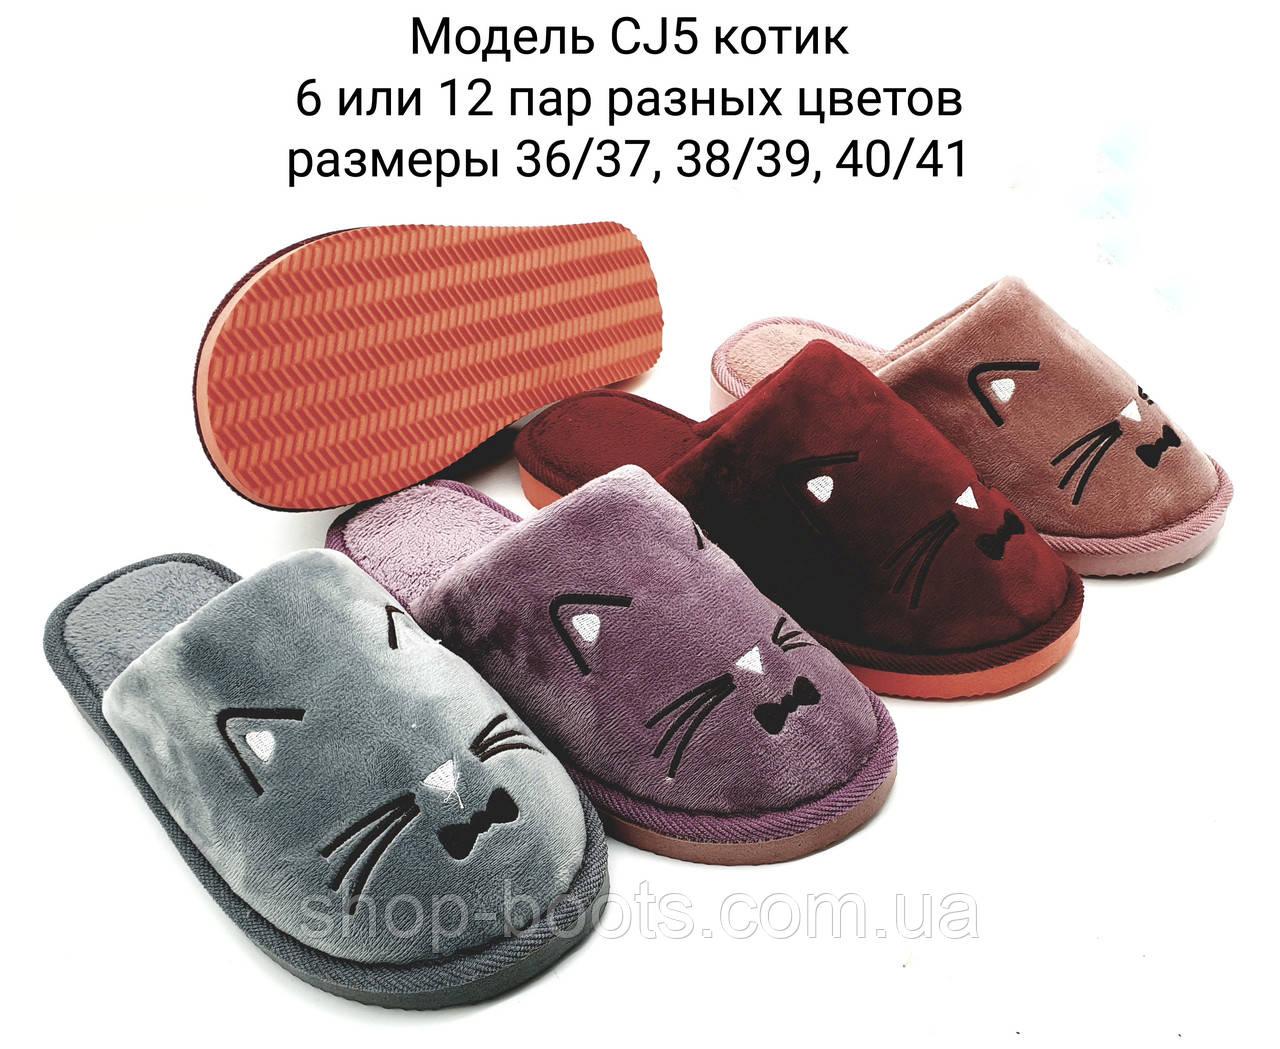 Женские тапочки оптом. 36-41рр. Модель тапочки CJ5 котик